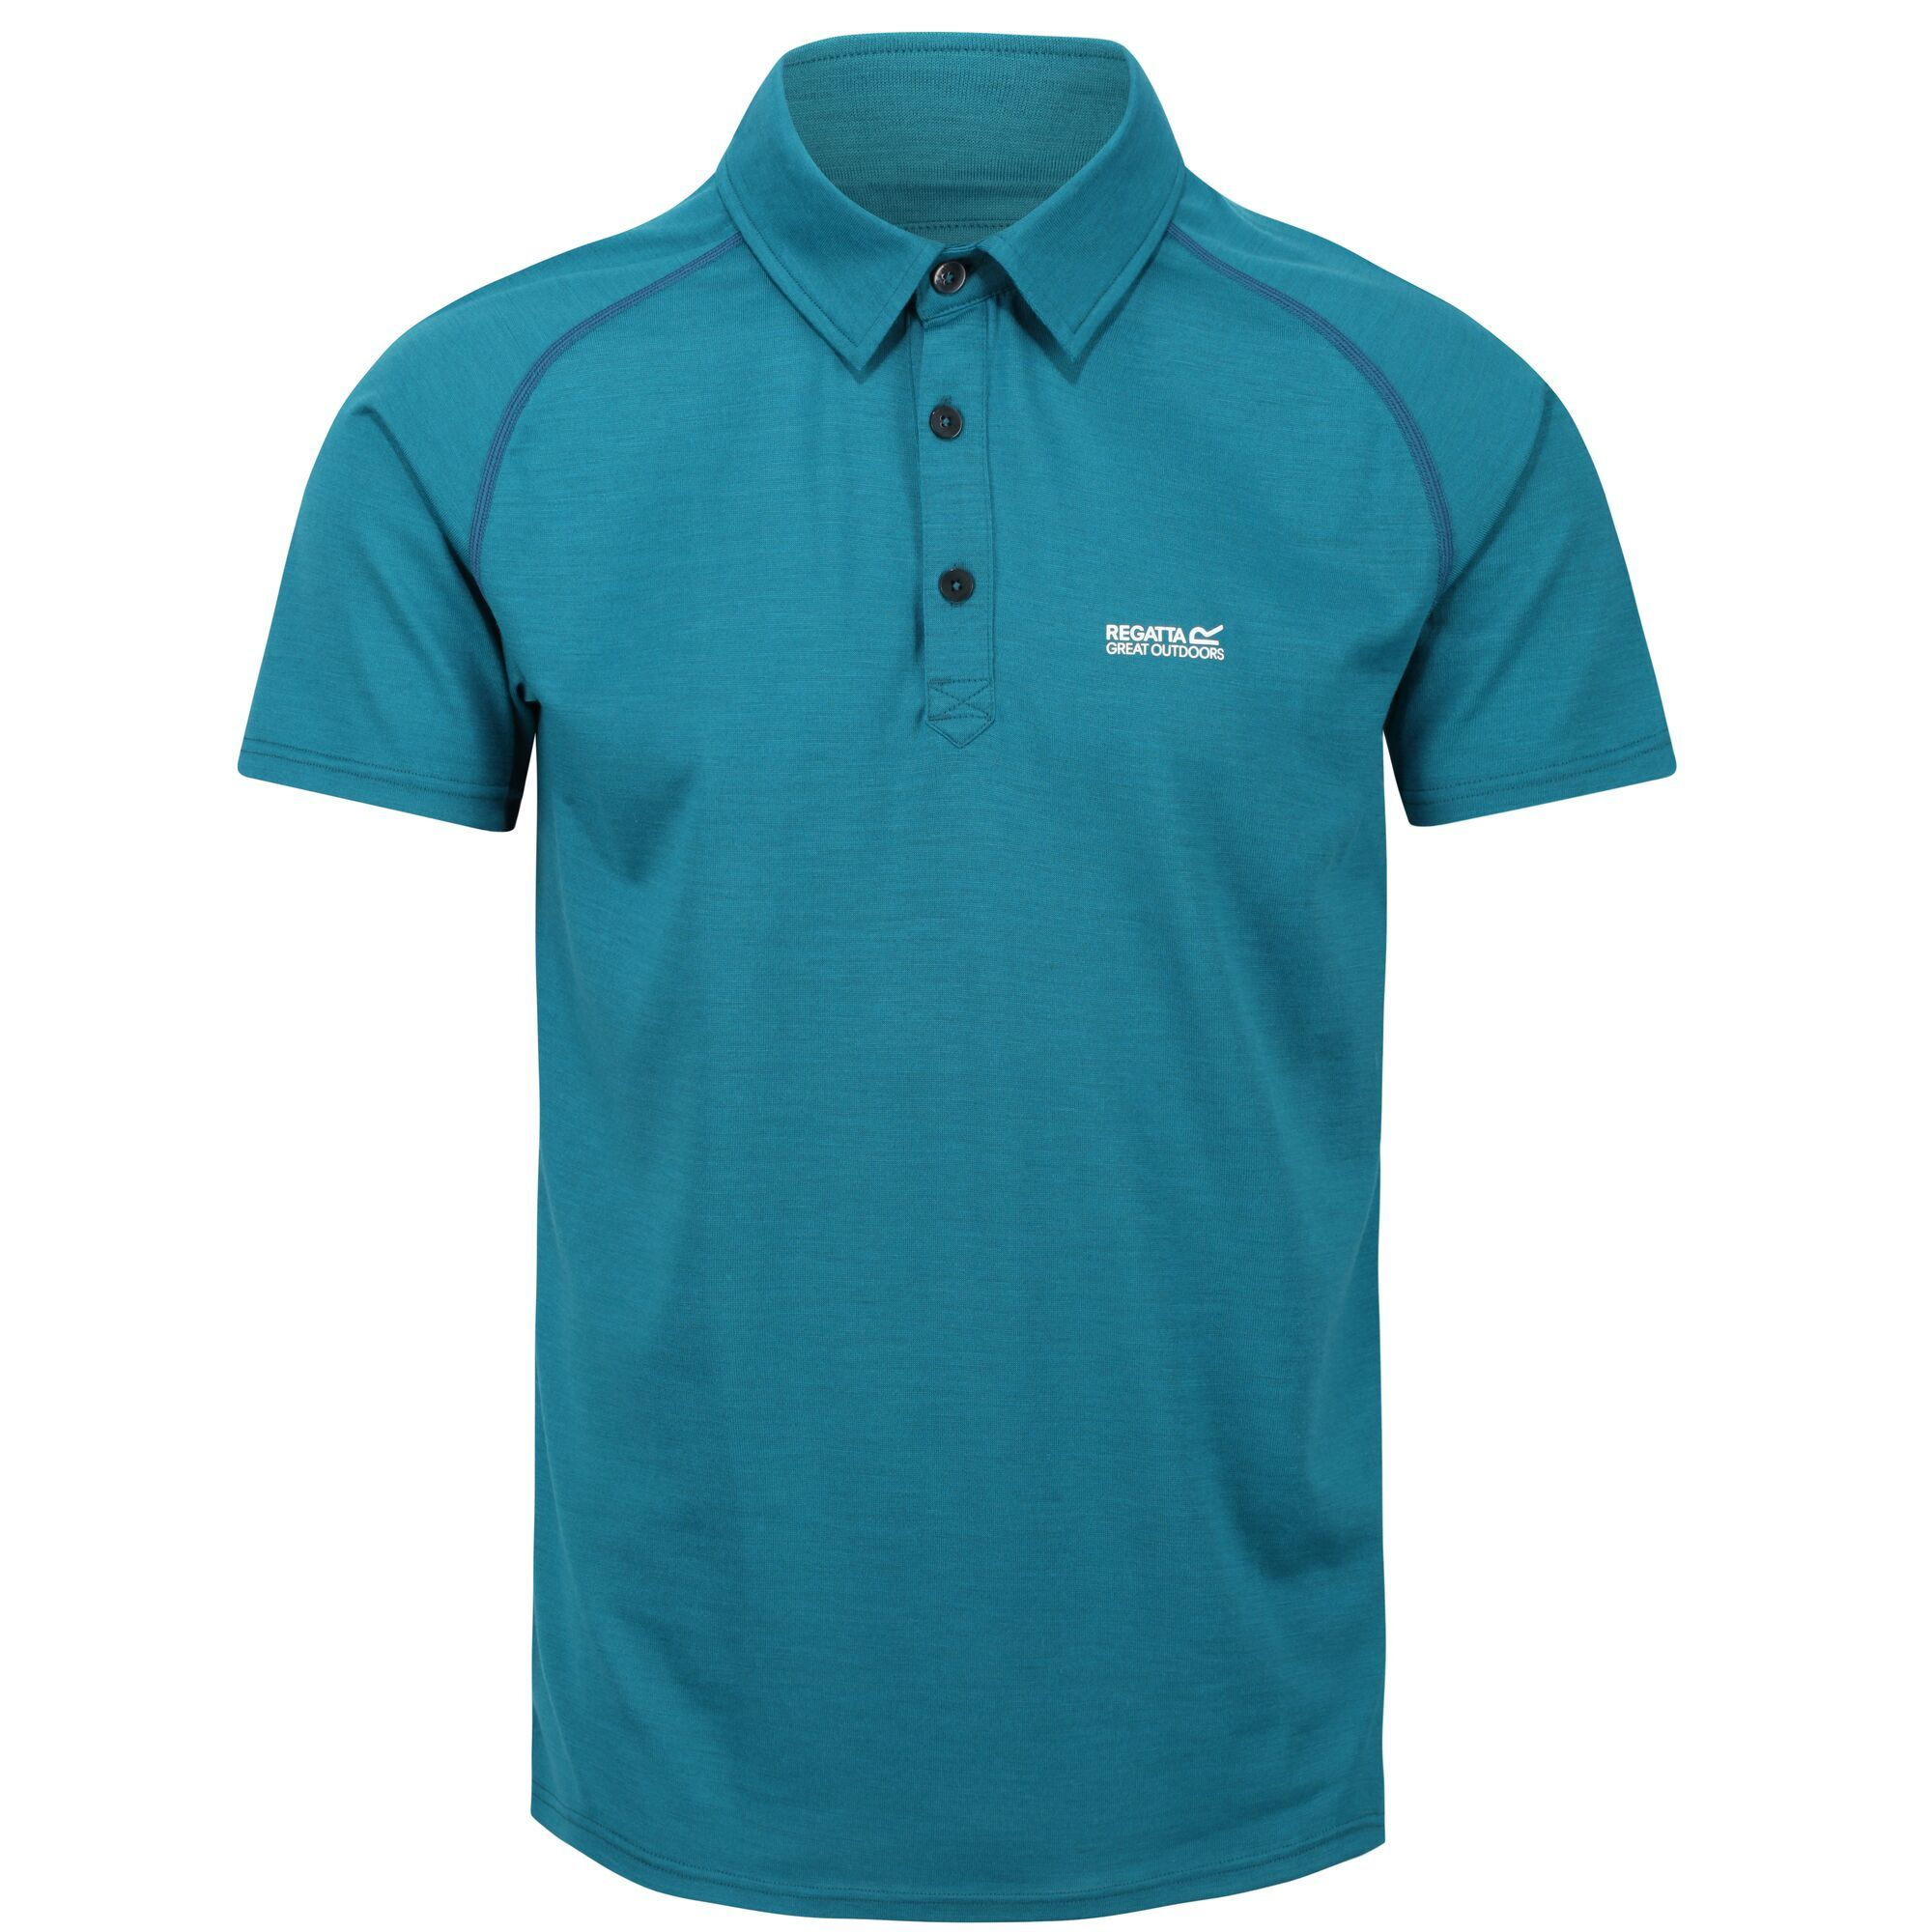 Regatta Mens Kalter Short-Sleeved Polo Shirt (M) (Gulfstream)